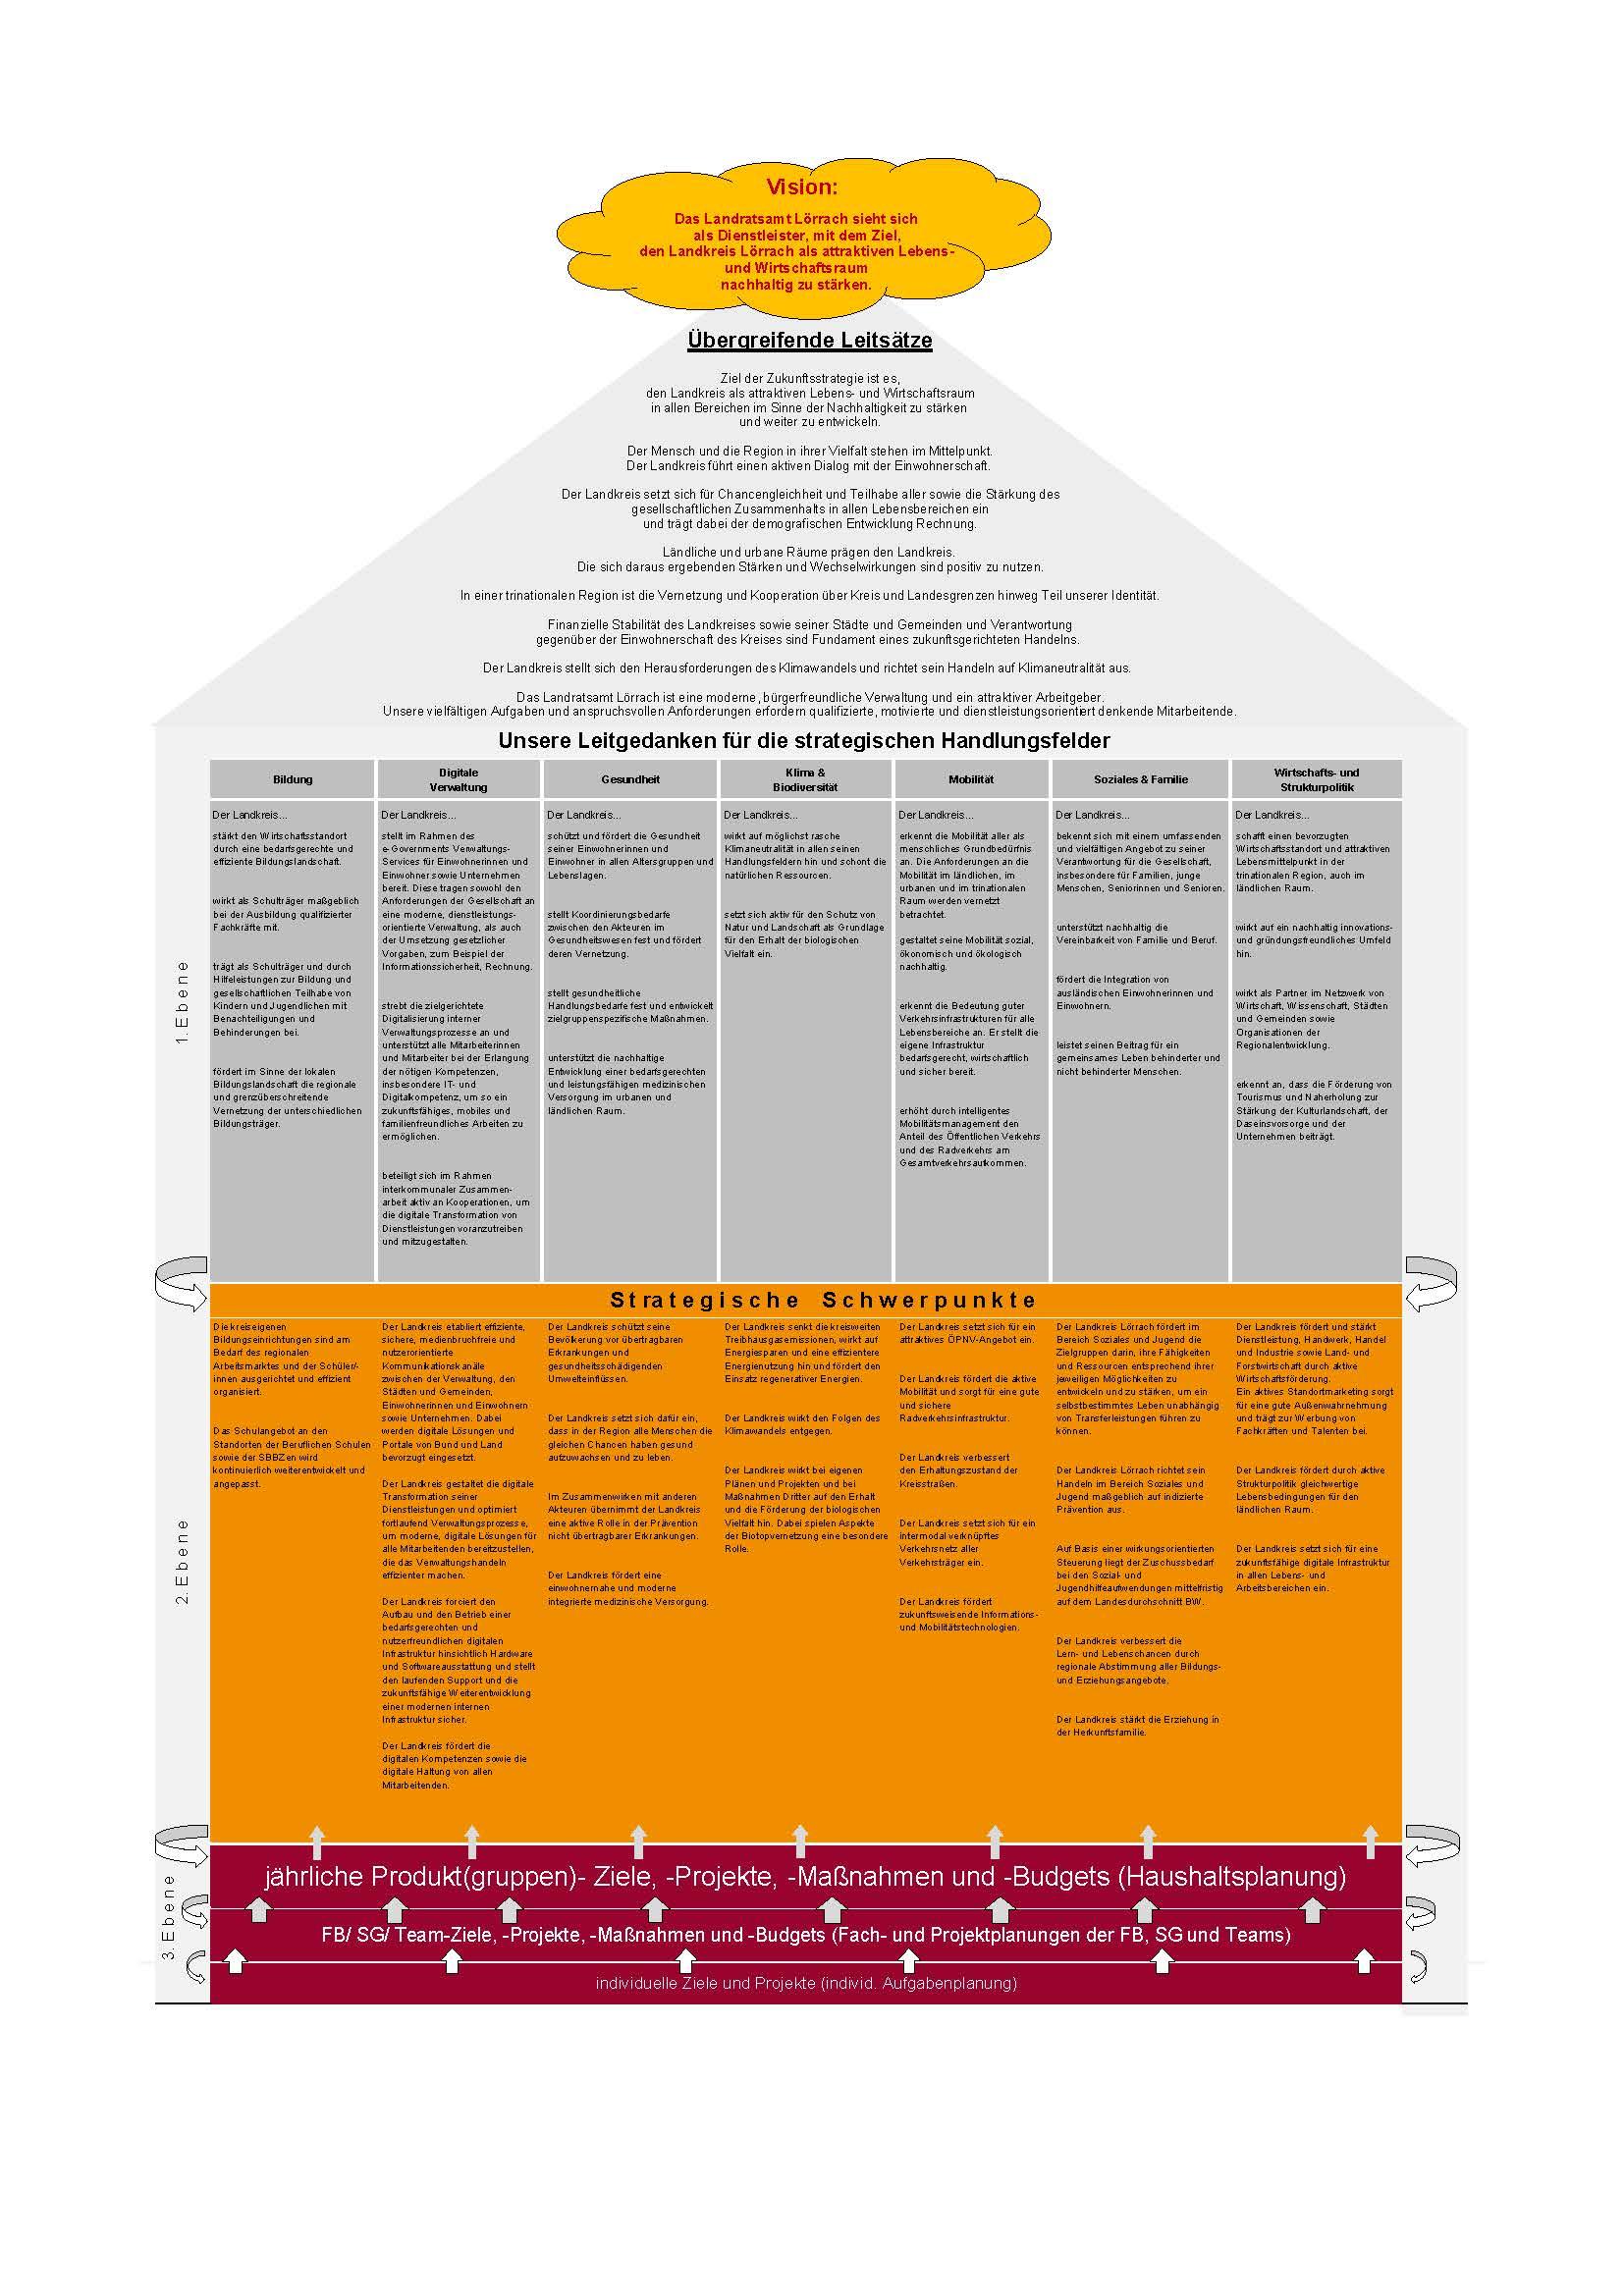 Zukunftsstrategie 2015 (Schaubild)